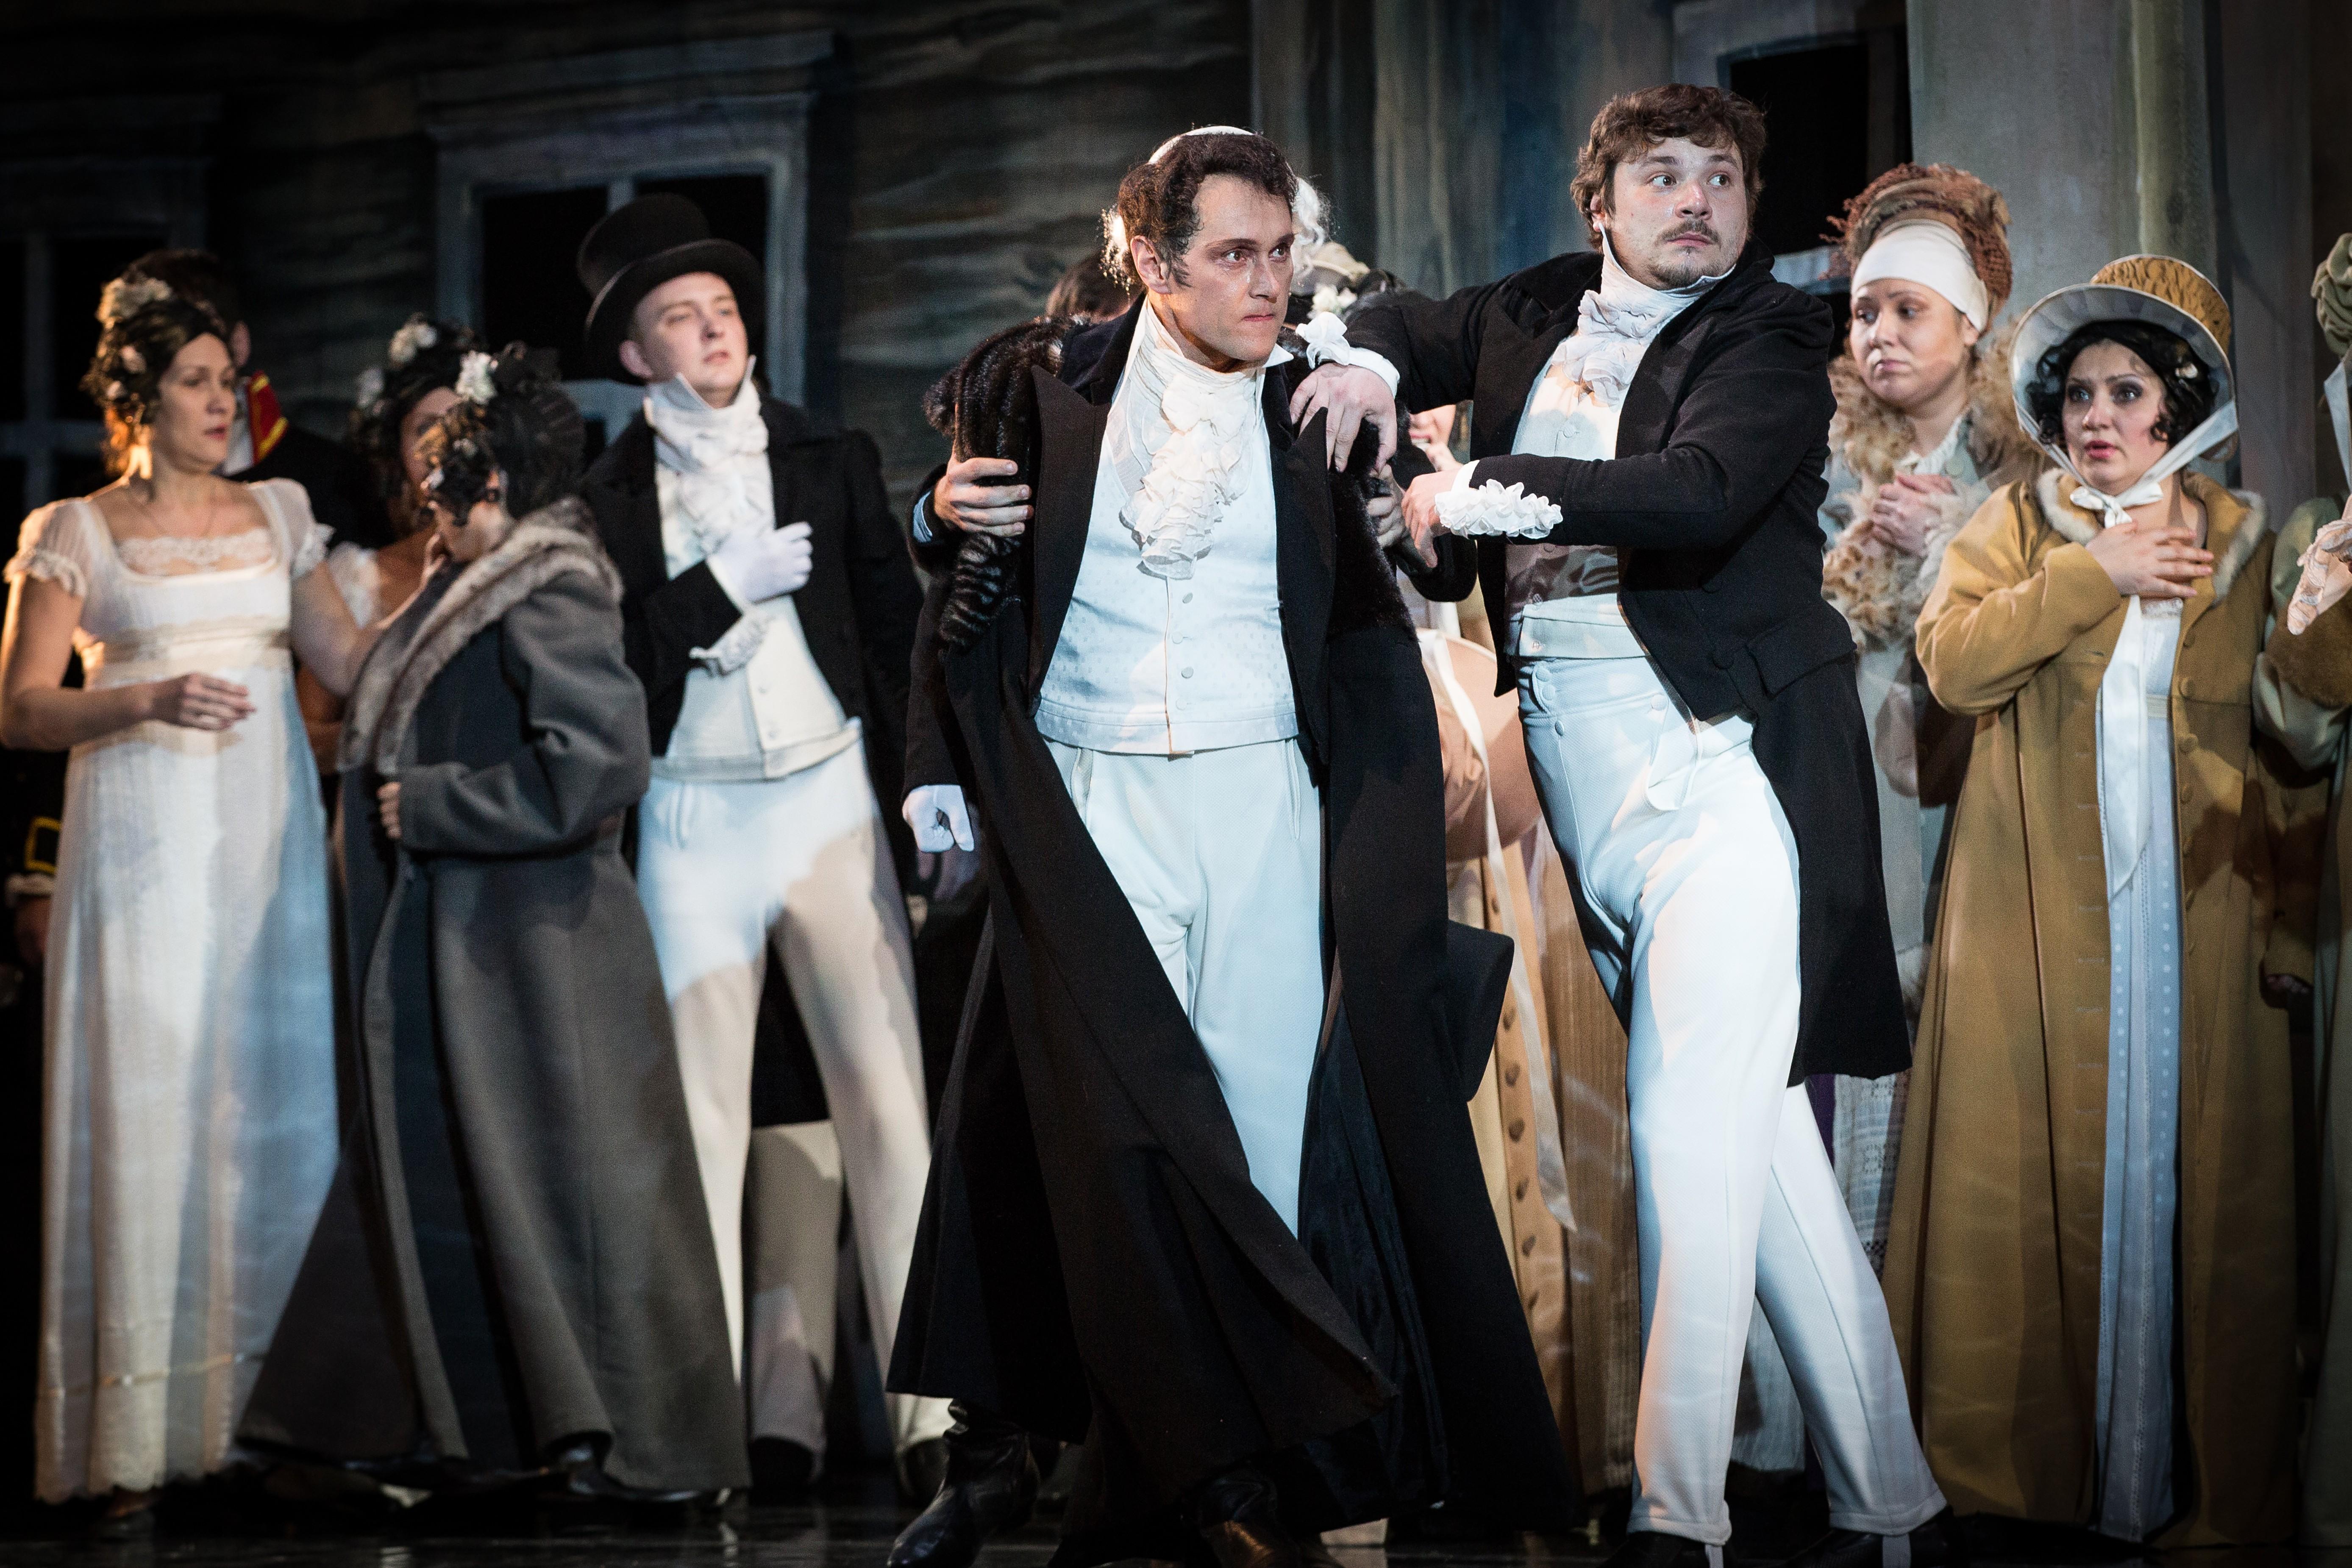 25 января, в Татьянин день, в Астраханском театре Оперы и Балета - «Евгений Онегин»